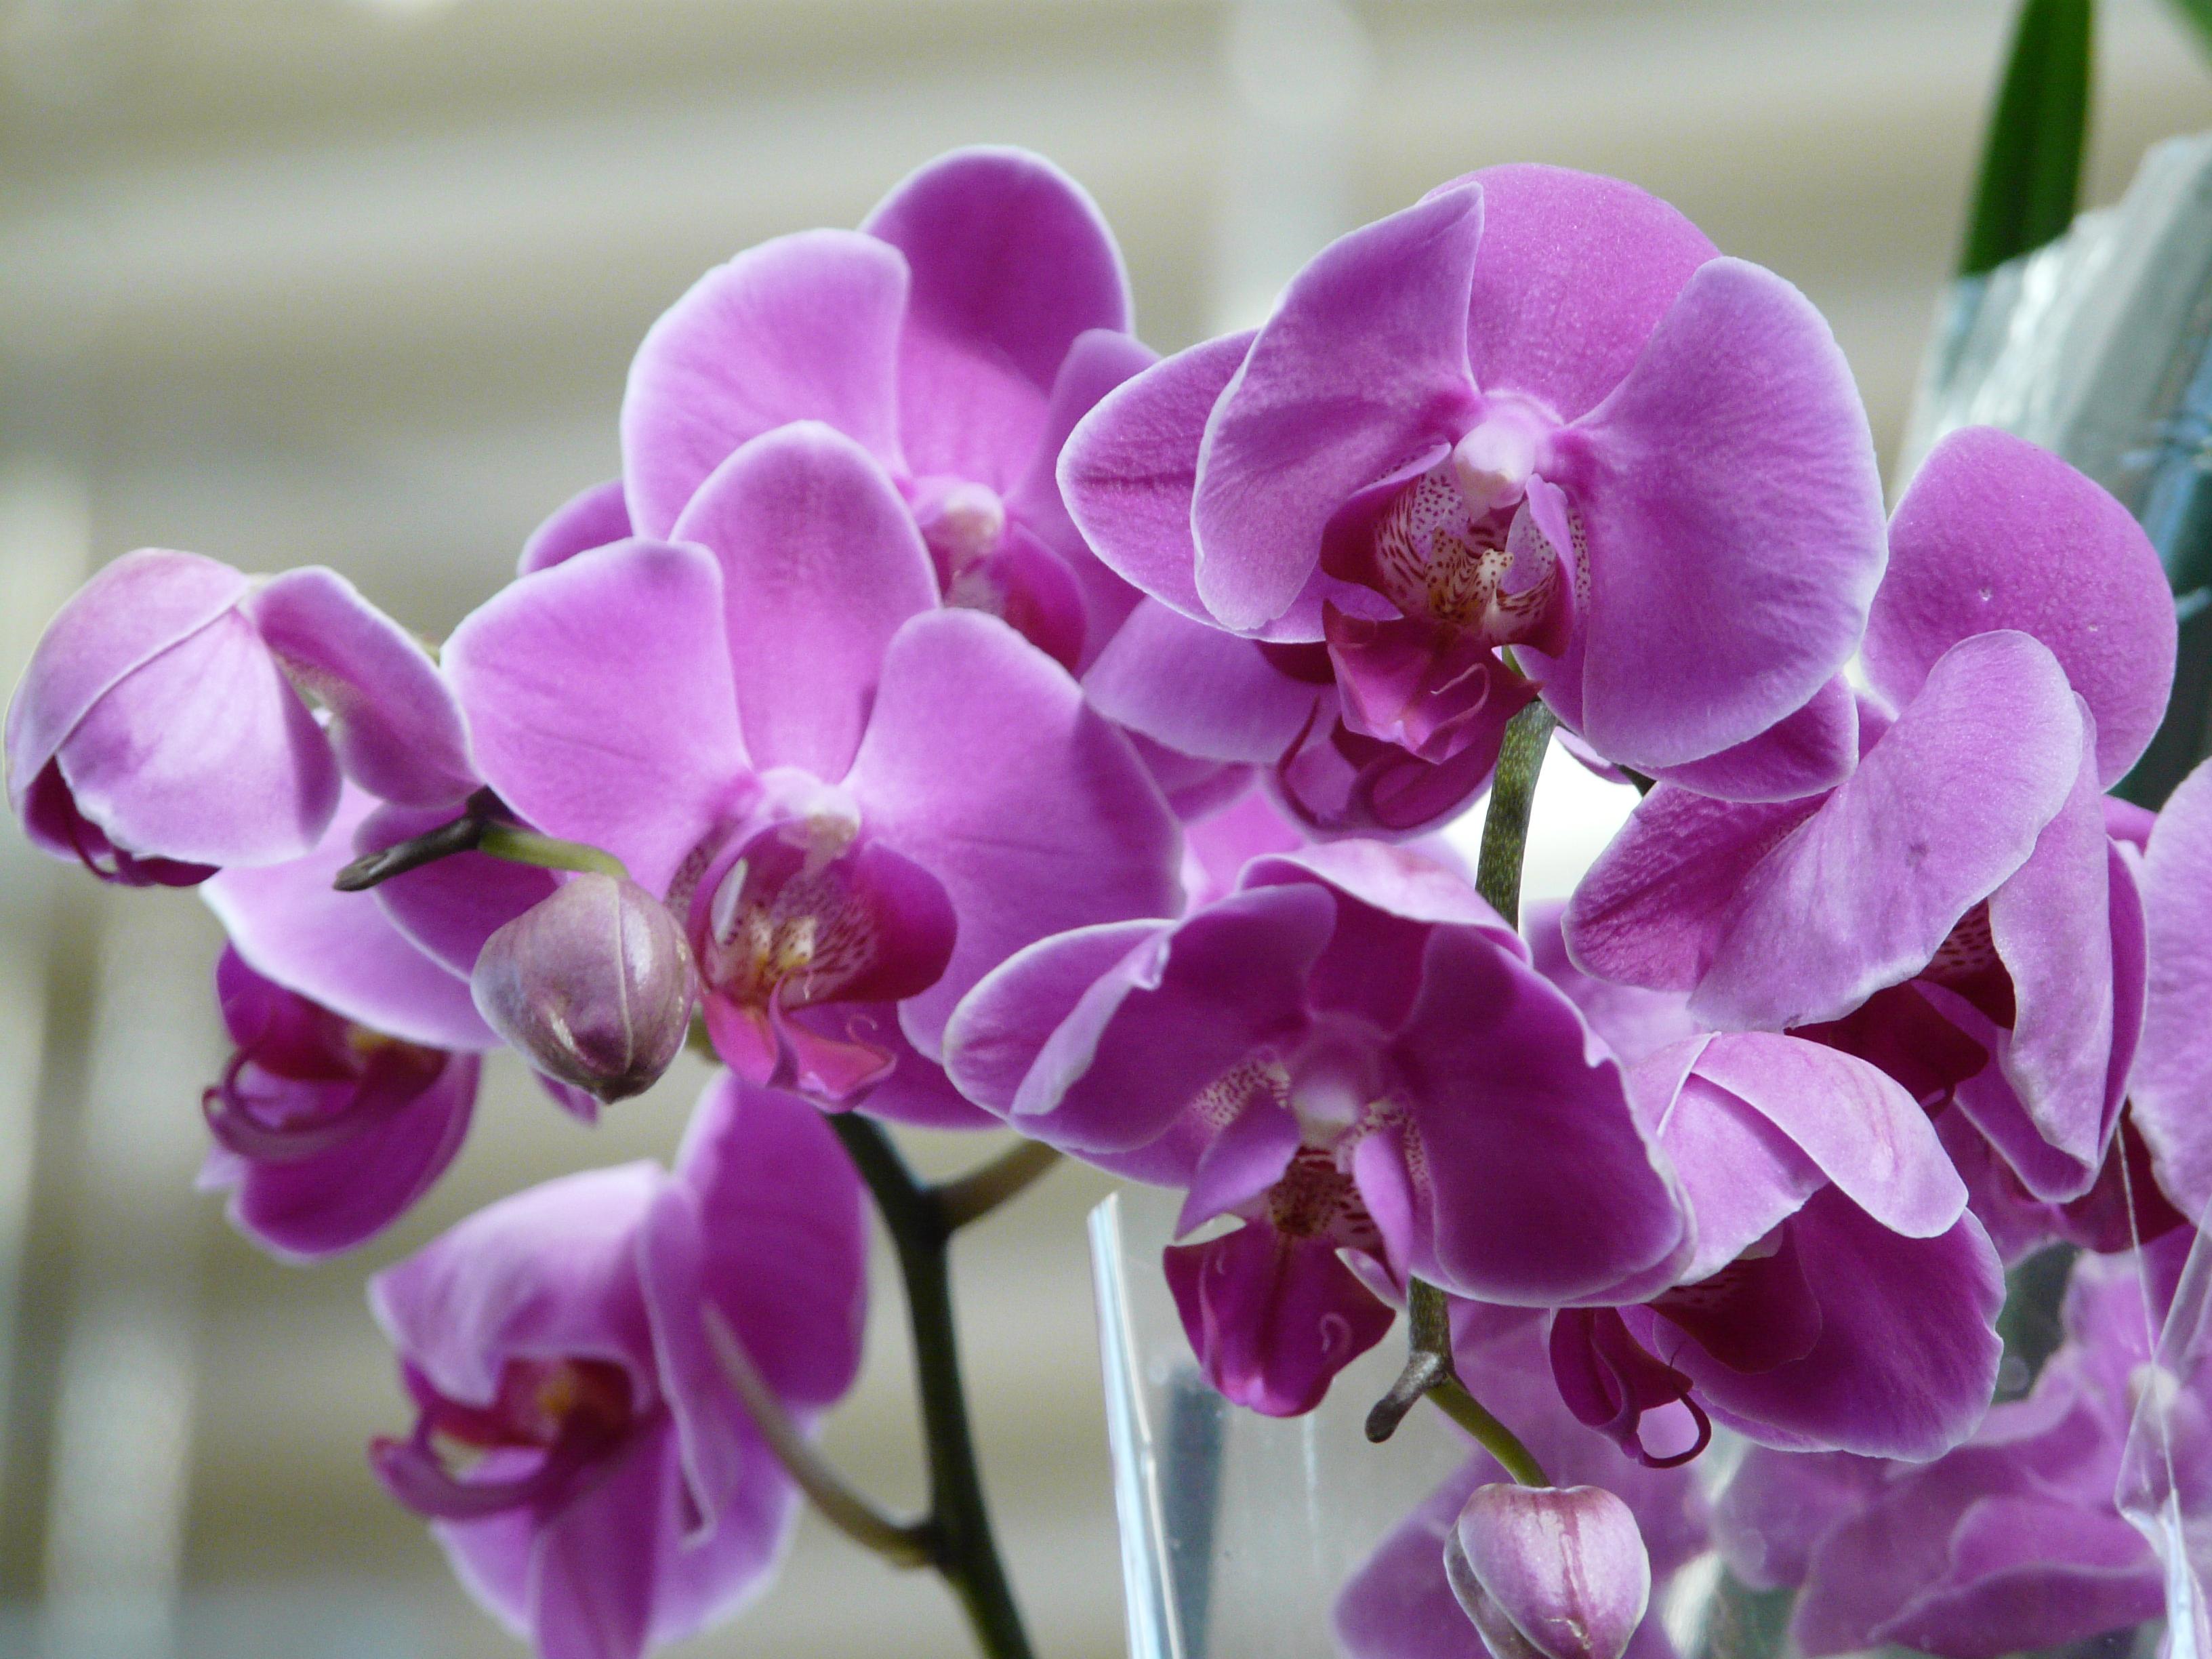 Распространенные проблемы при выращивании орхидеи